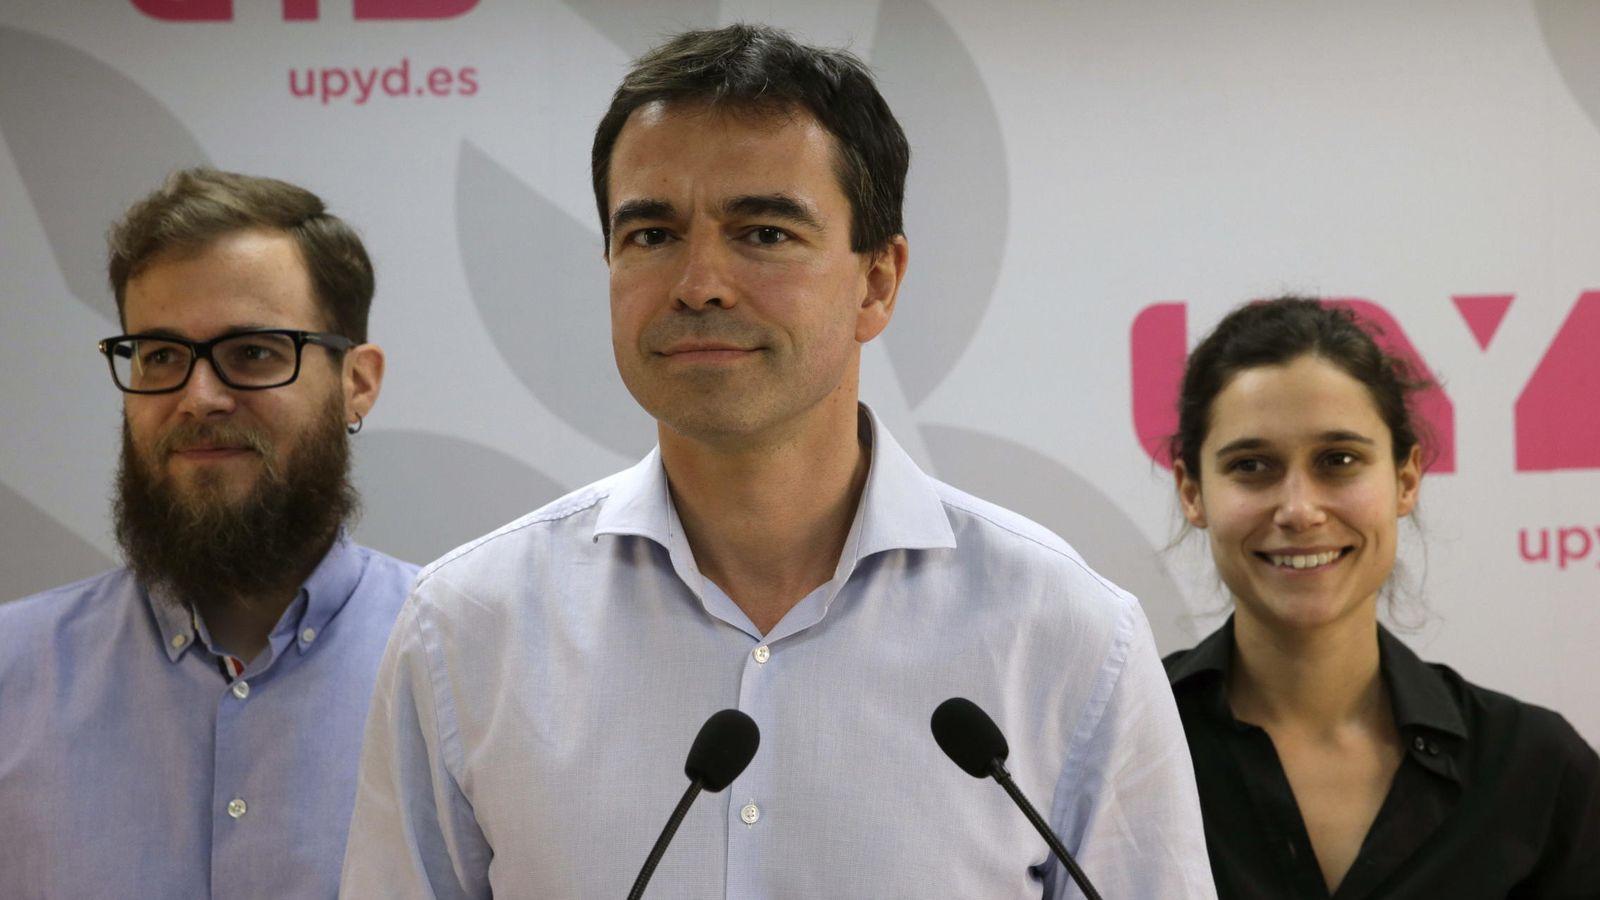 Foto: El candidato de UPyD a la Presidencia del Gobierno, Andrés Herzog (c). (EFE)